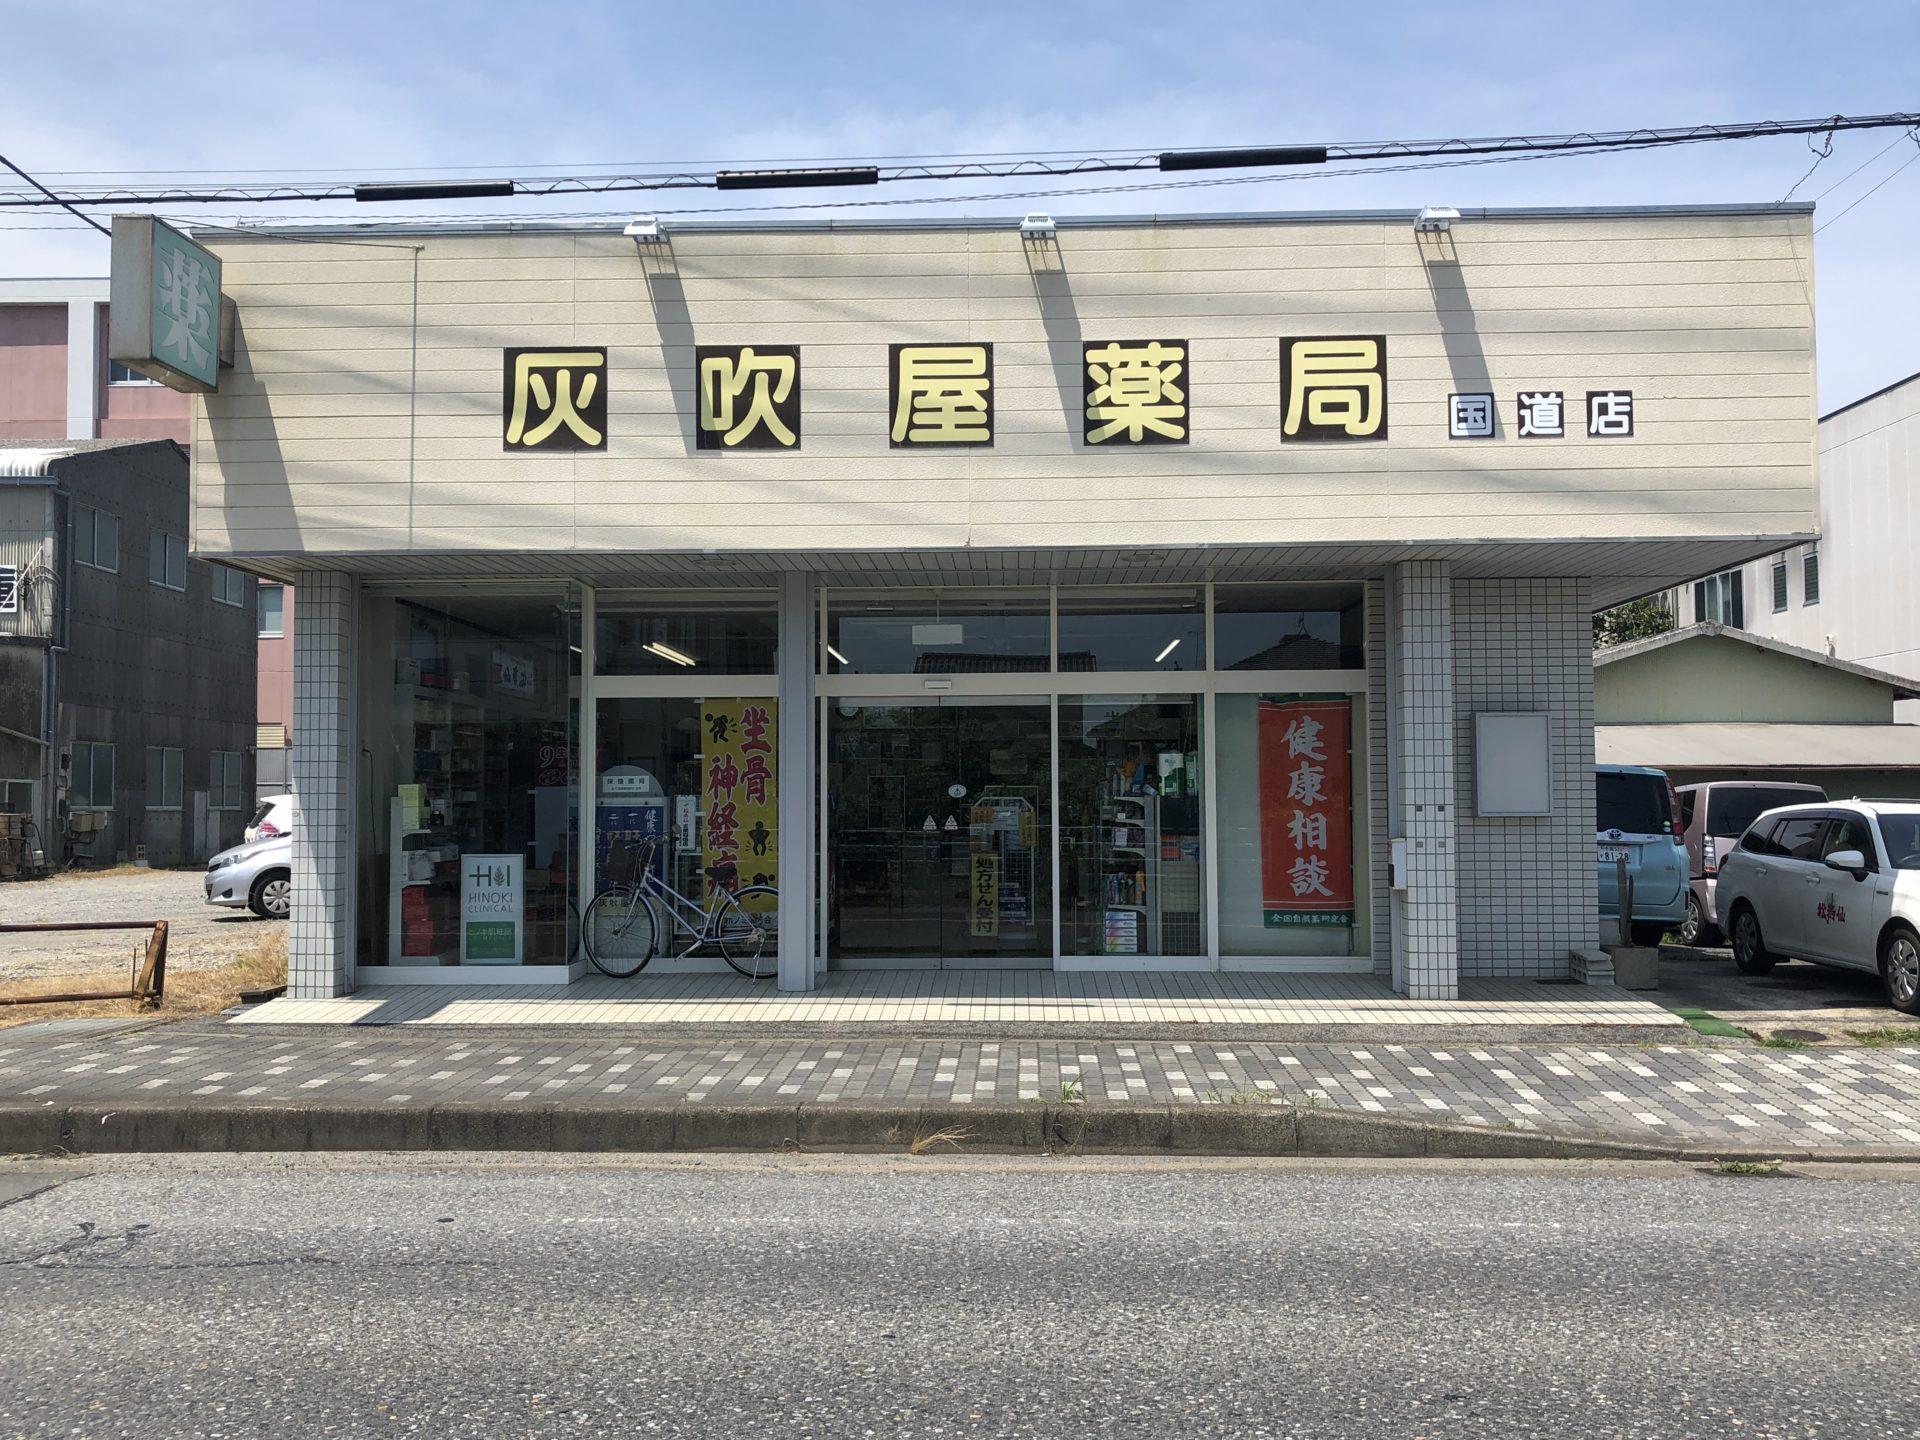 灰吹屋薬局 国道店